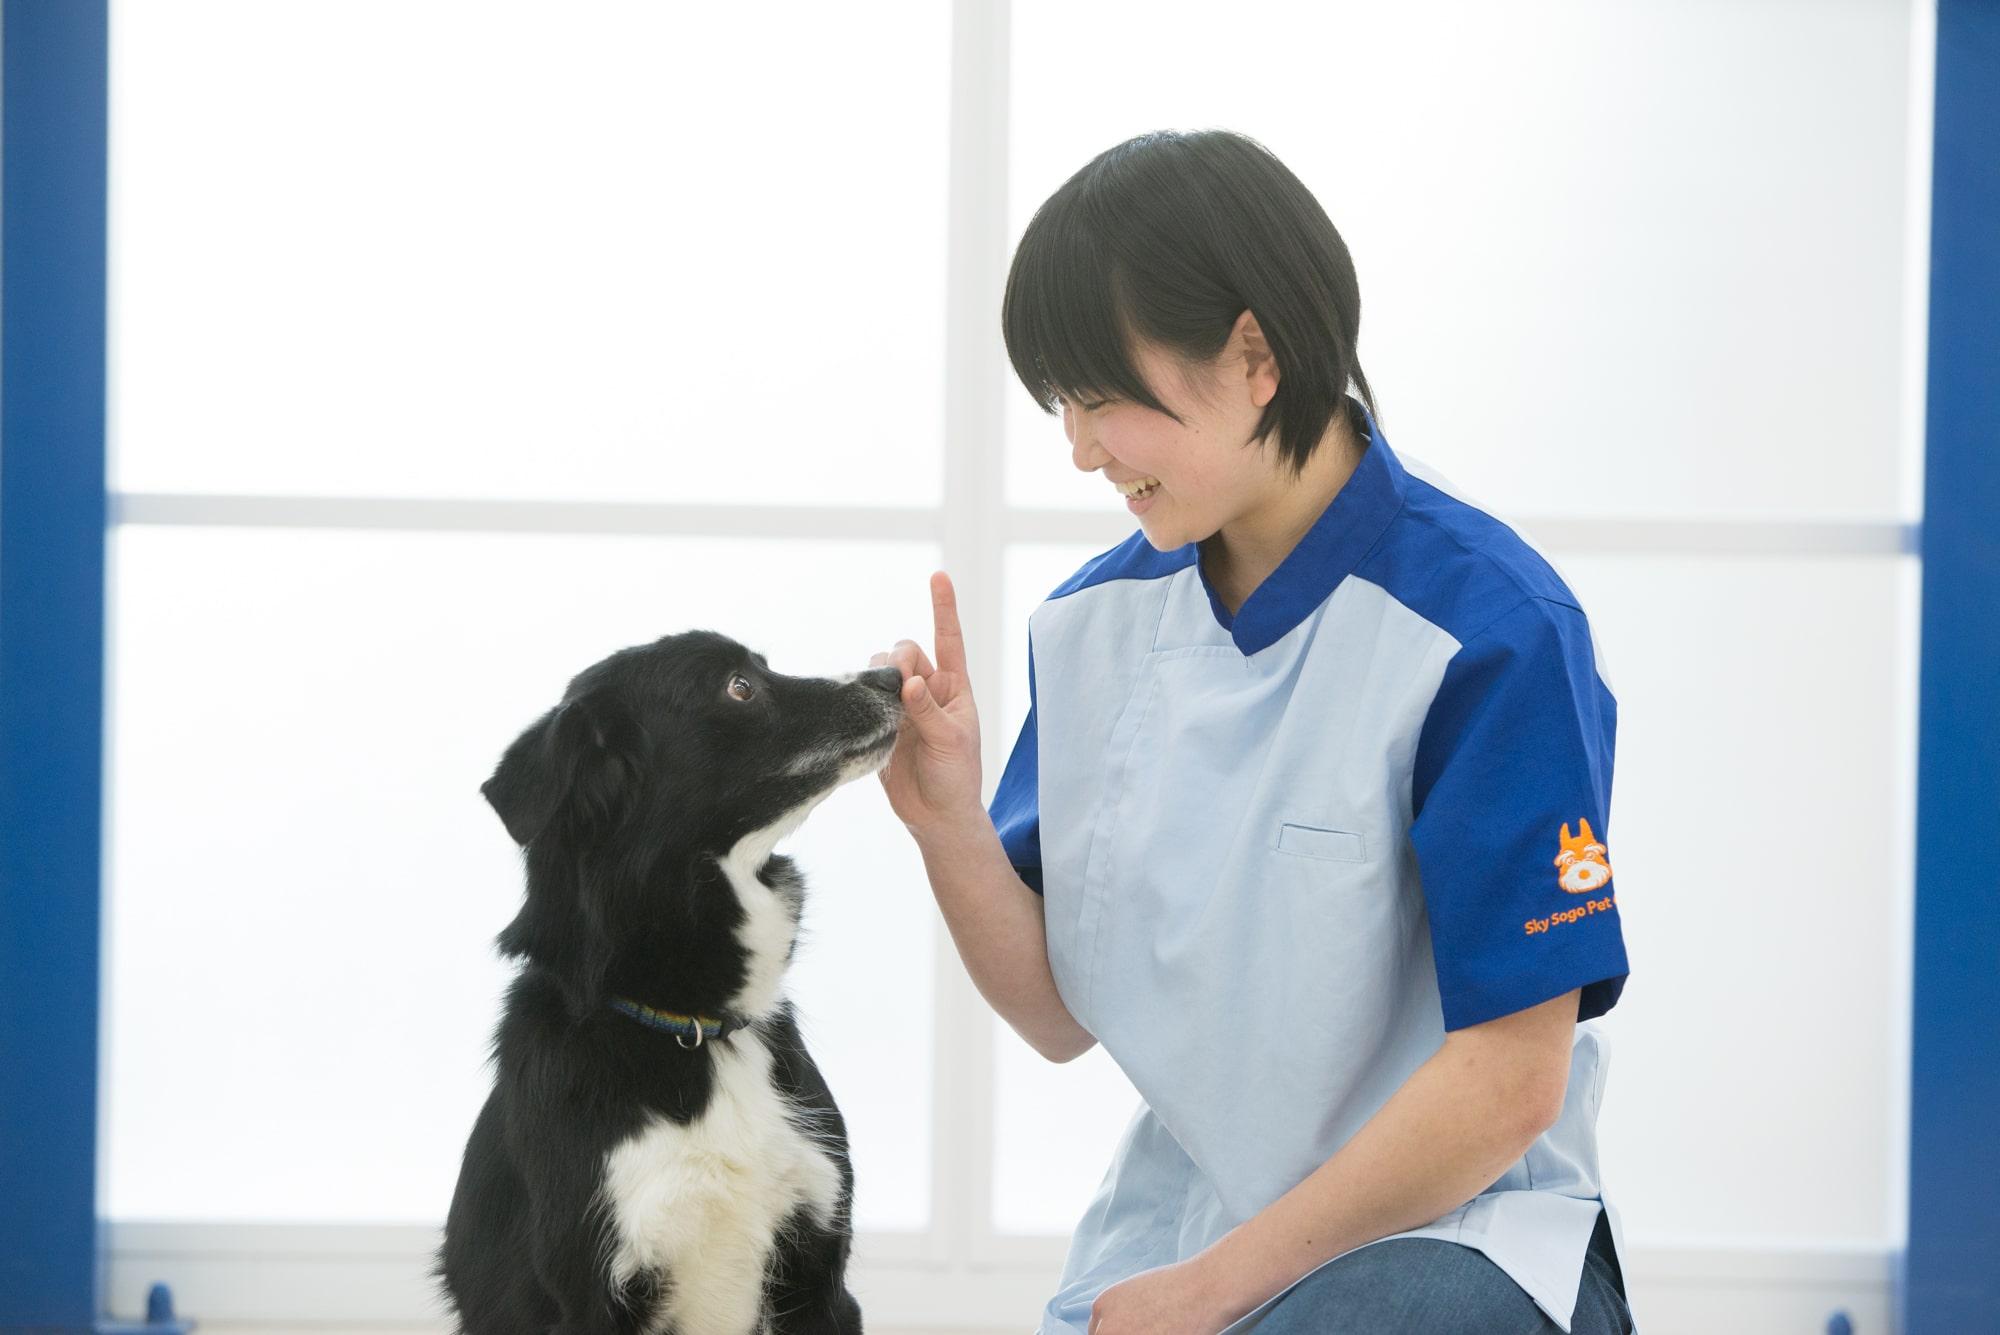 ペット総合科ではトリミング、訓練、動物看護をバランスよく学び、ペット業界のあらゆる分野で活躍できる知識と技術を身につけます。